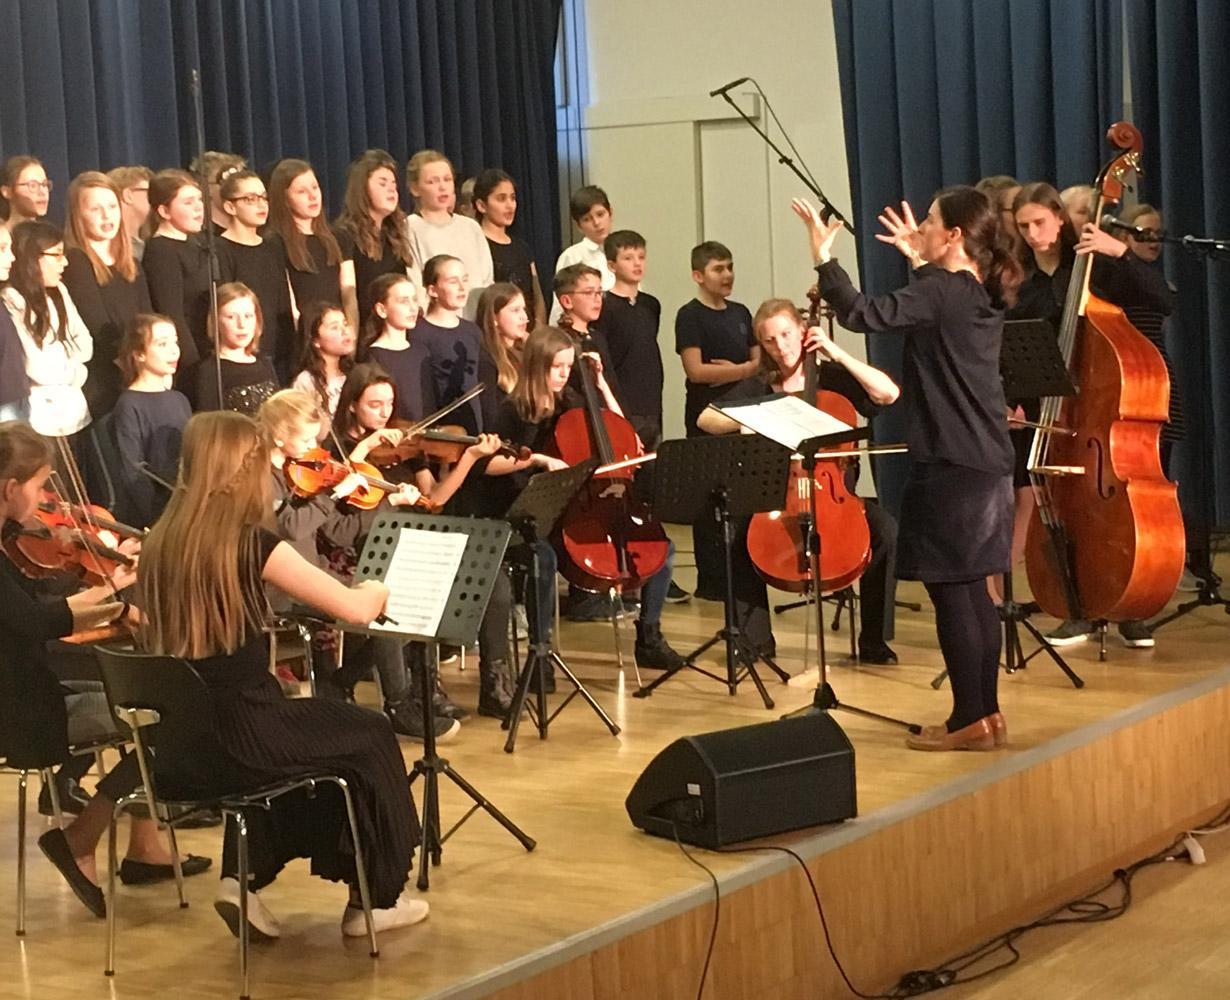 Bei einem gemeinsamen Auftritt musizieren Orchester und Chor zusammen